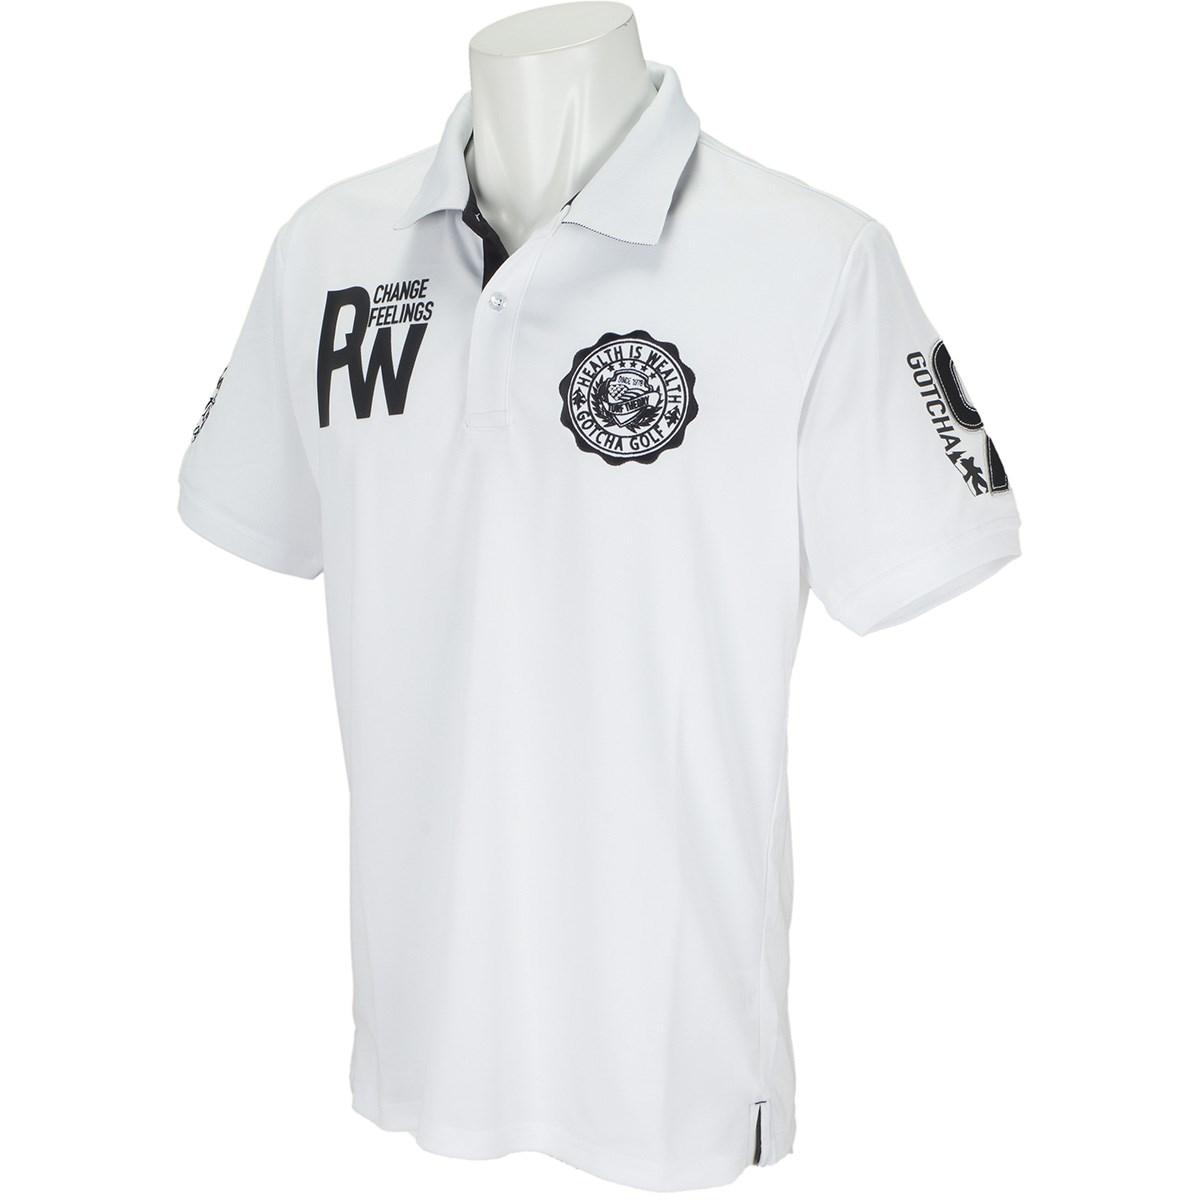 ガッチャゴルフ GOTCHA GOLF ドライUVカット 半袖ポロシャツVI XL ホワイト